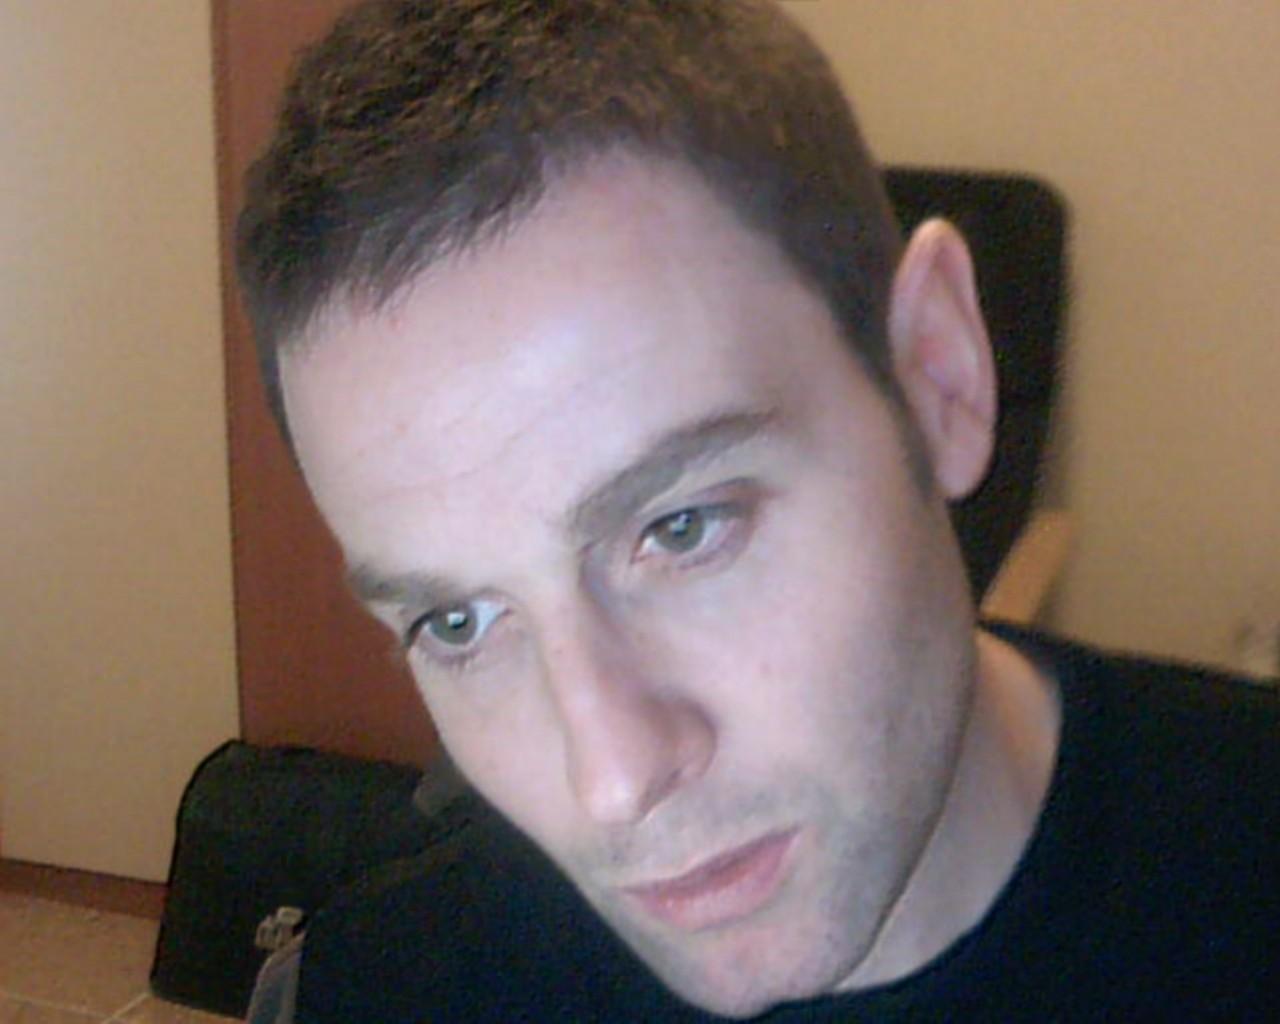 Michele Cristiano Aulicino è Ateo. Nasce a Potenza il  dieci.quattro.millenovecentosettantanove. Iscrittosi alla facoltà di  Ingegneria Chimica fb182385807